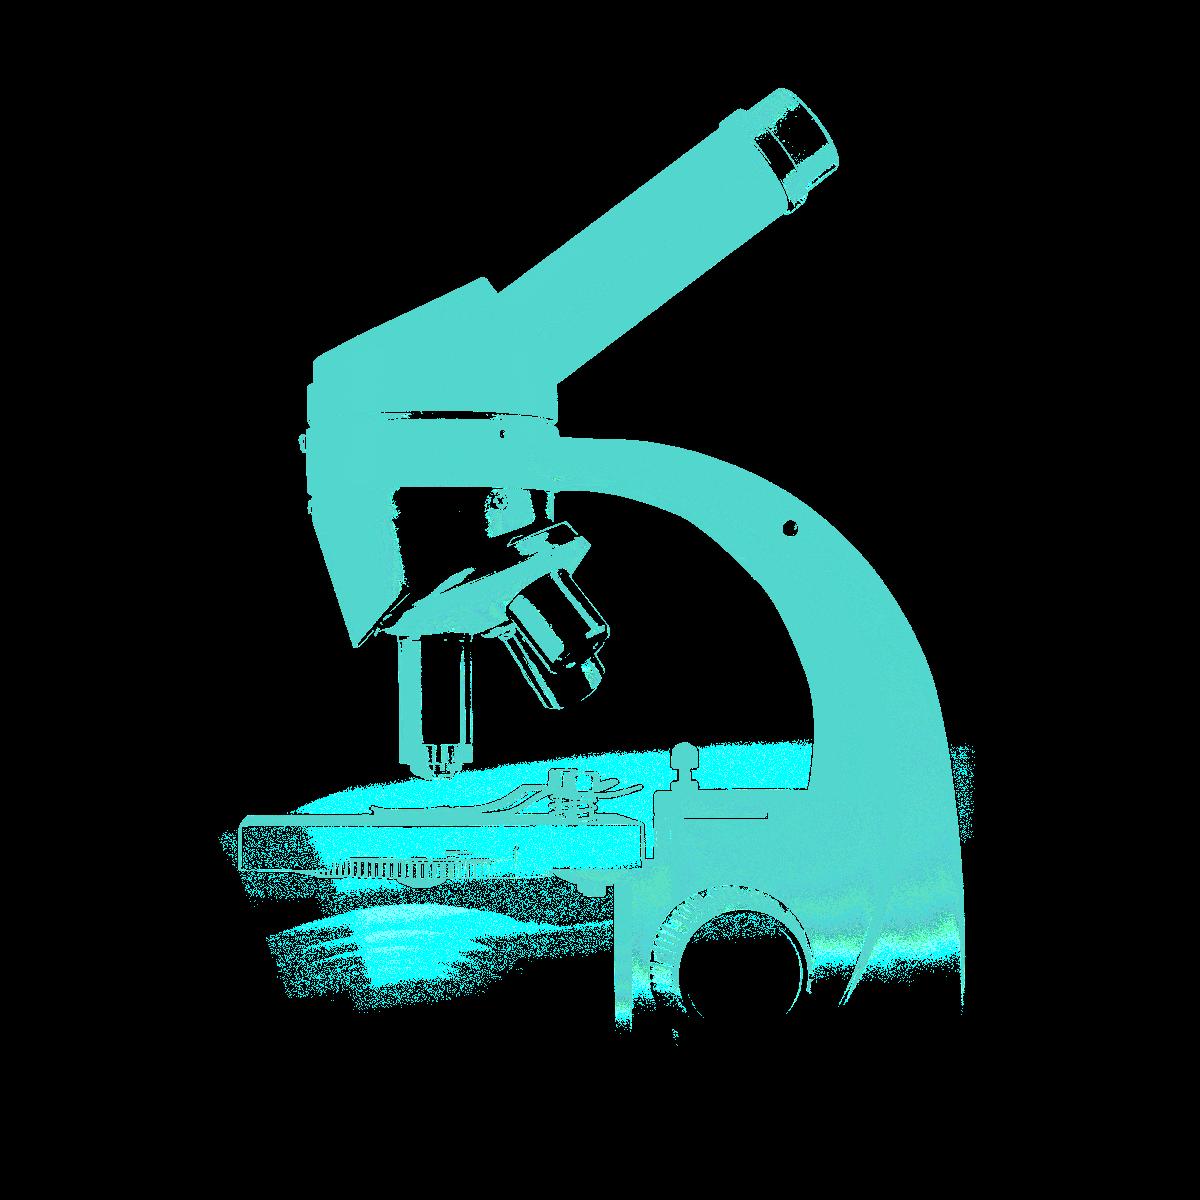 microscope - MTPCA